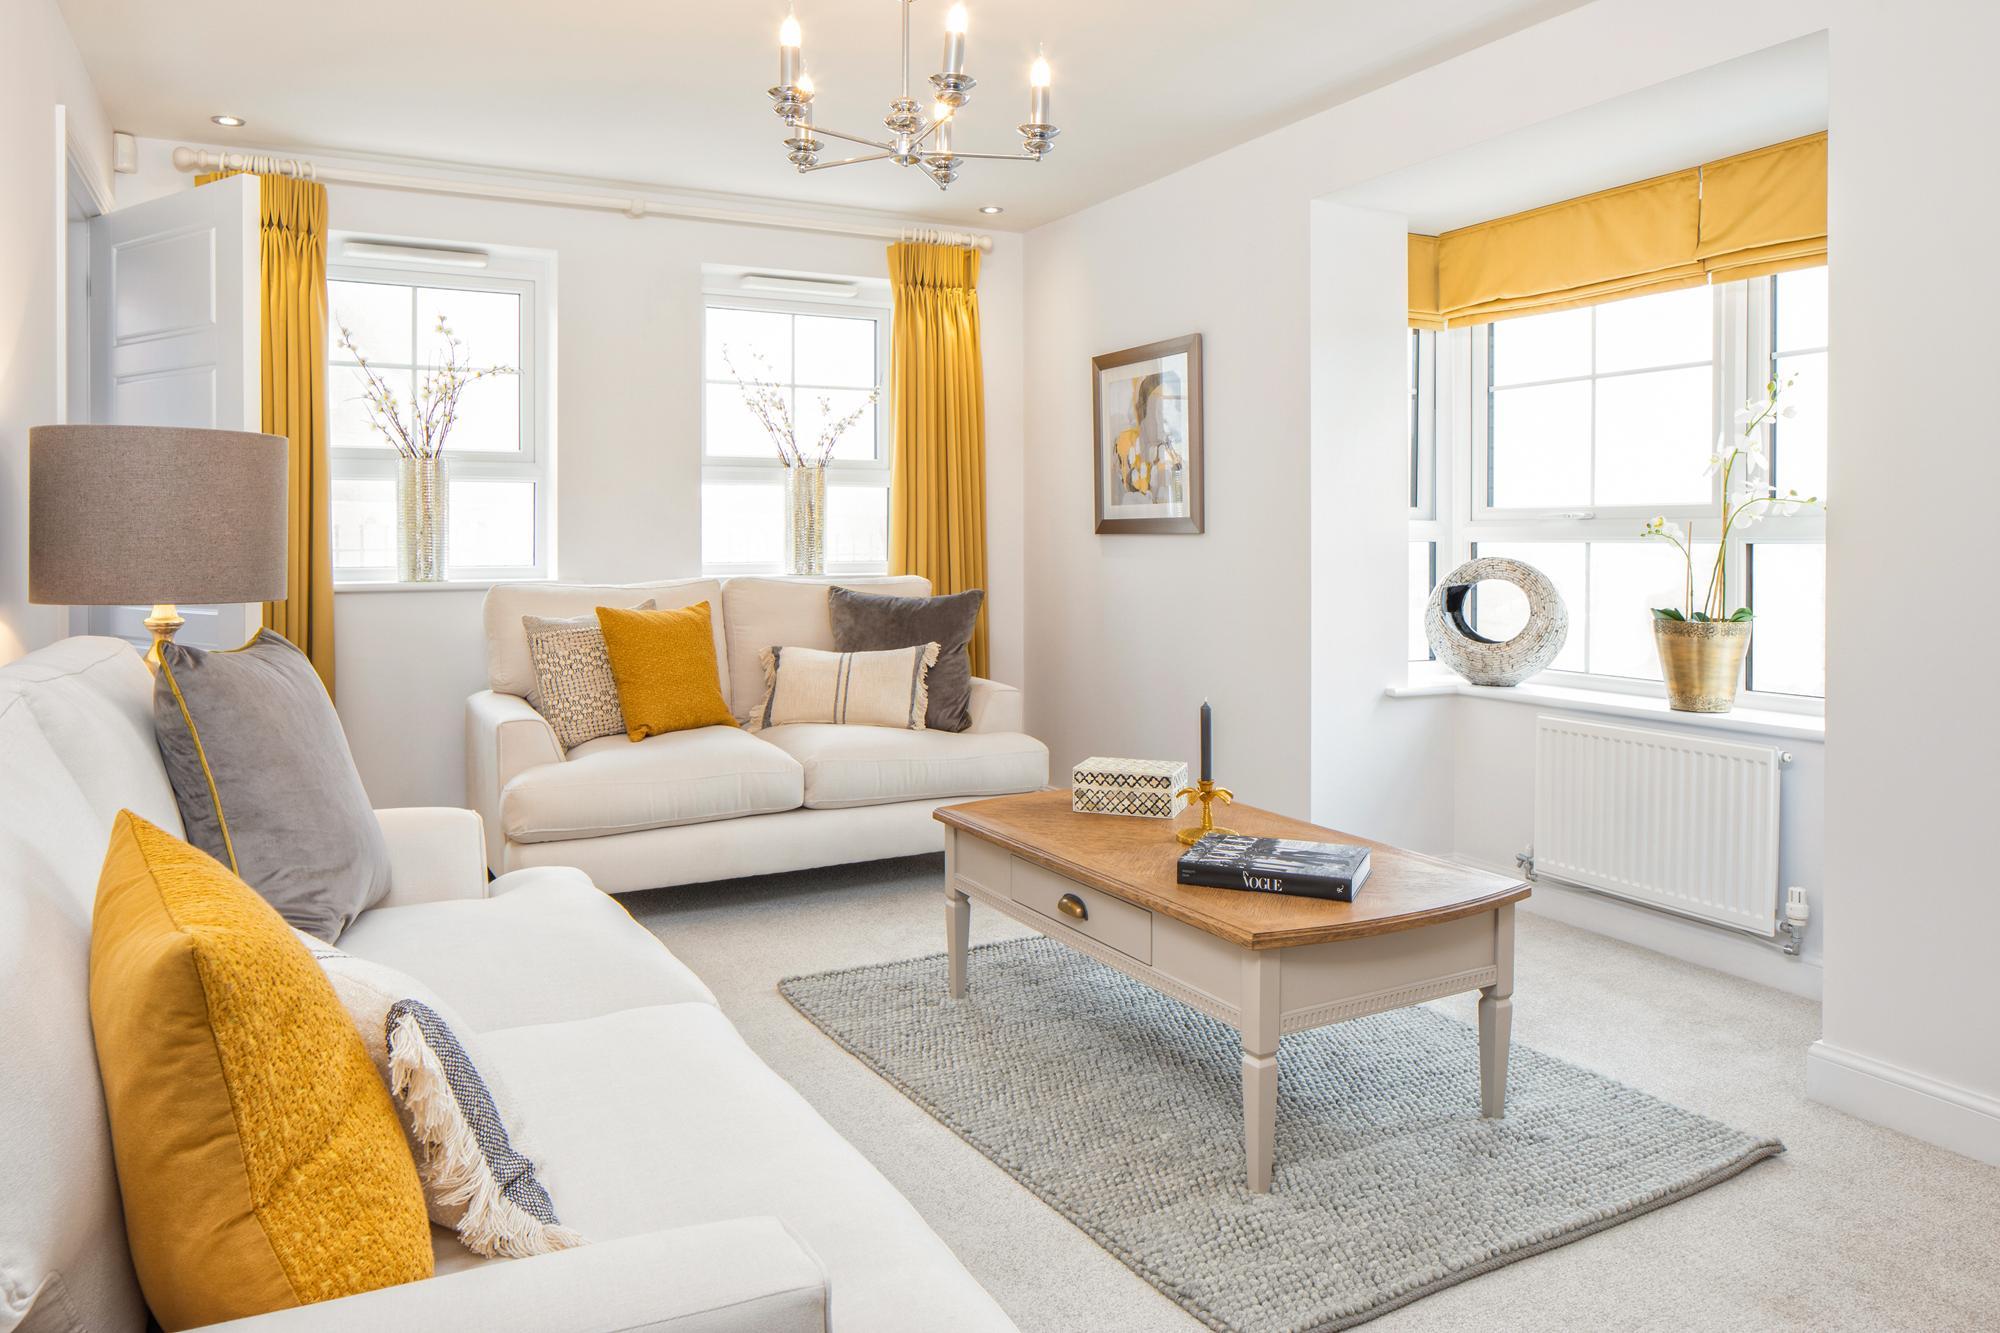 Hampton Water New Homes In Peterborough City Of